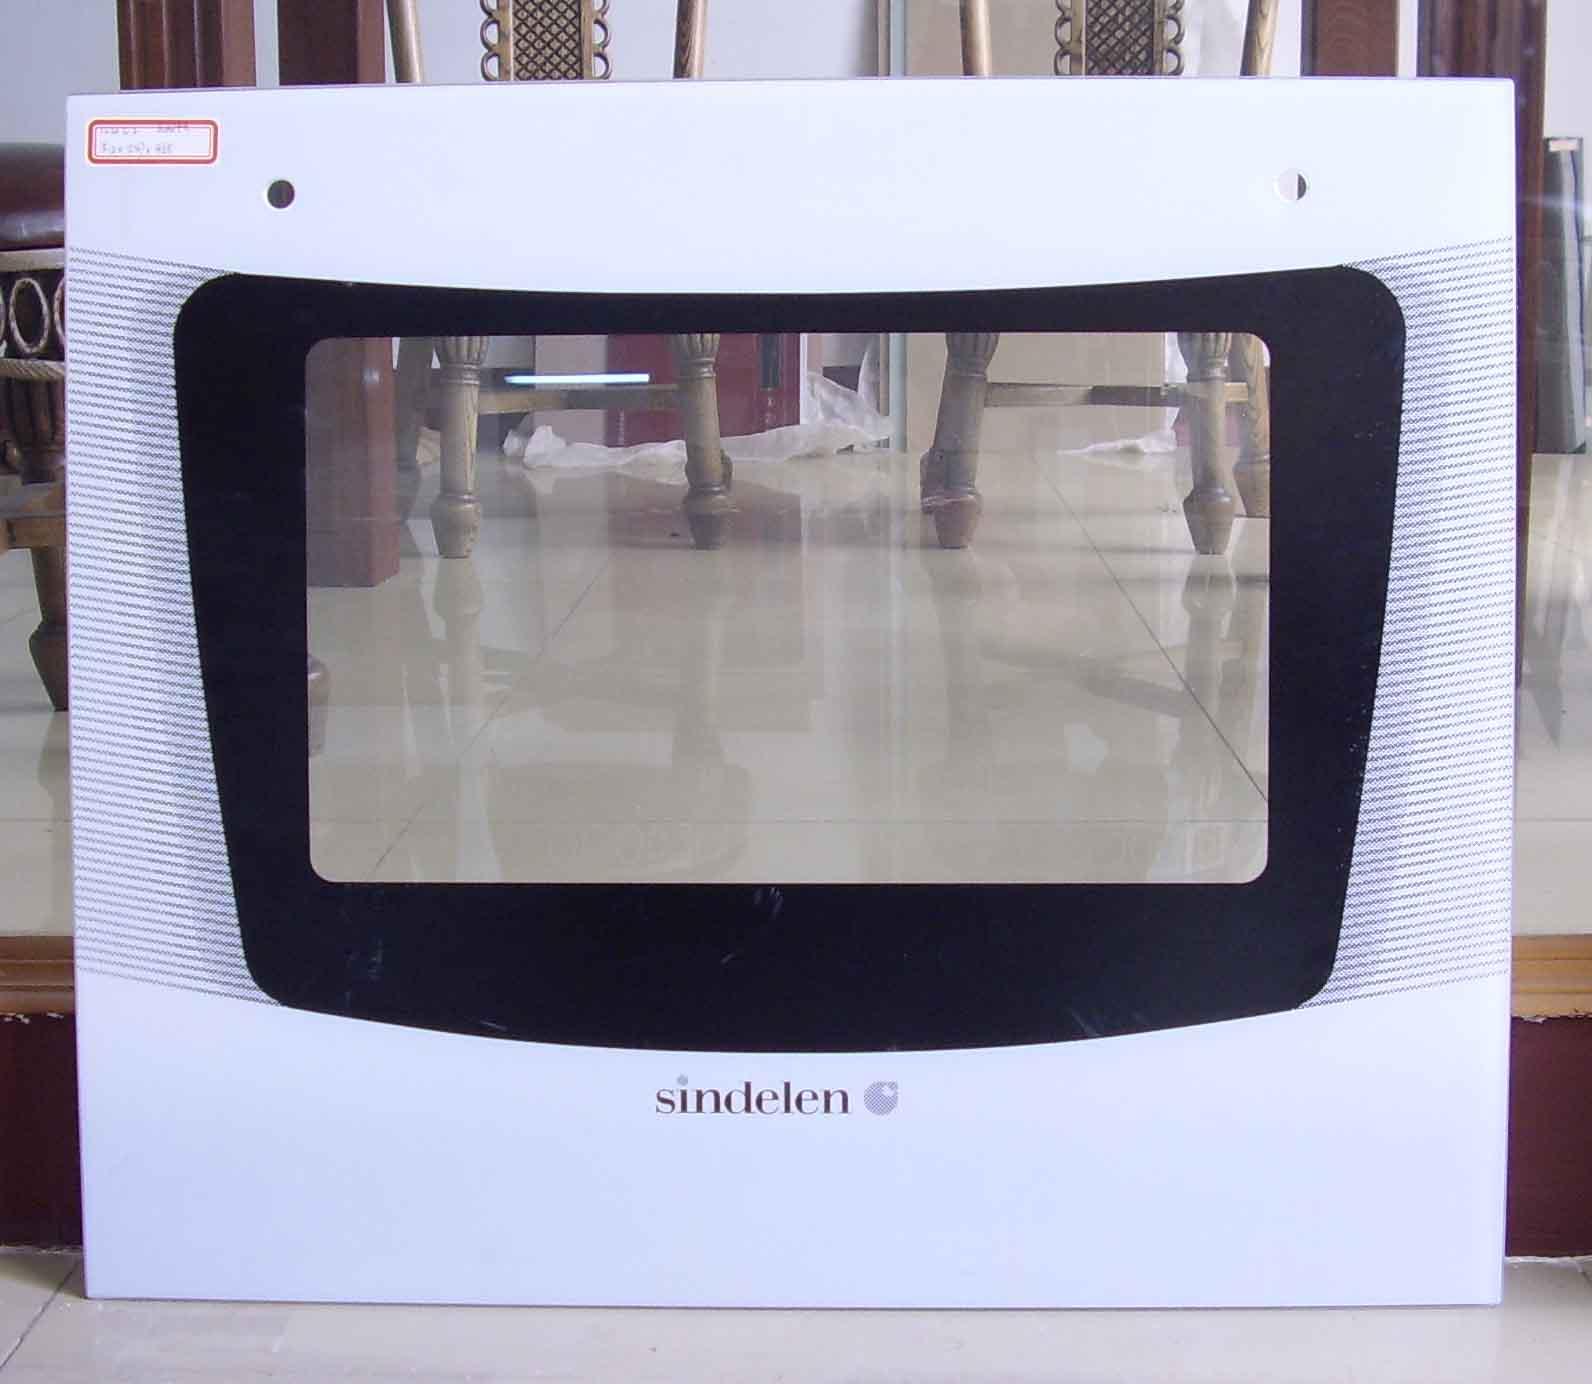 Printing Tempered Glass For Oven (Печать закаленного стекла для духовки)